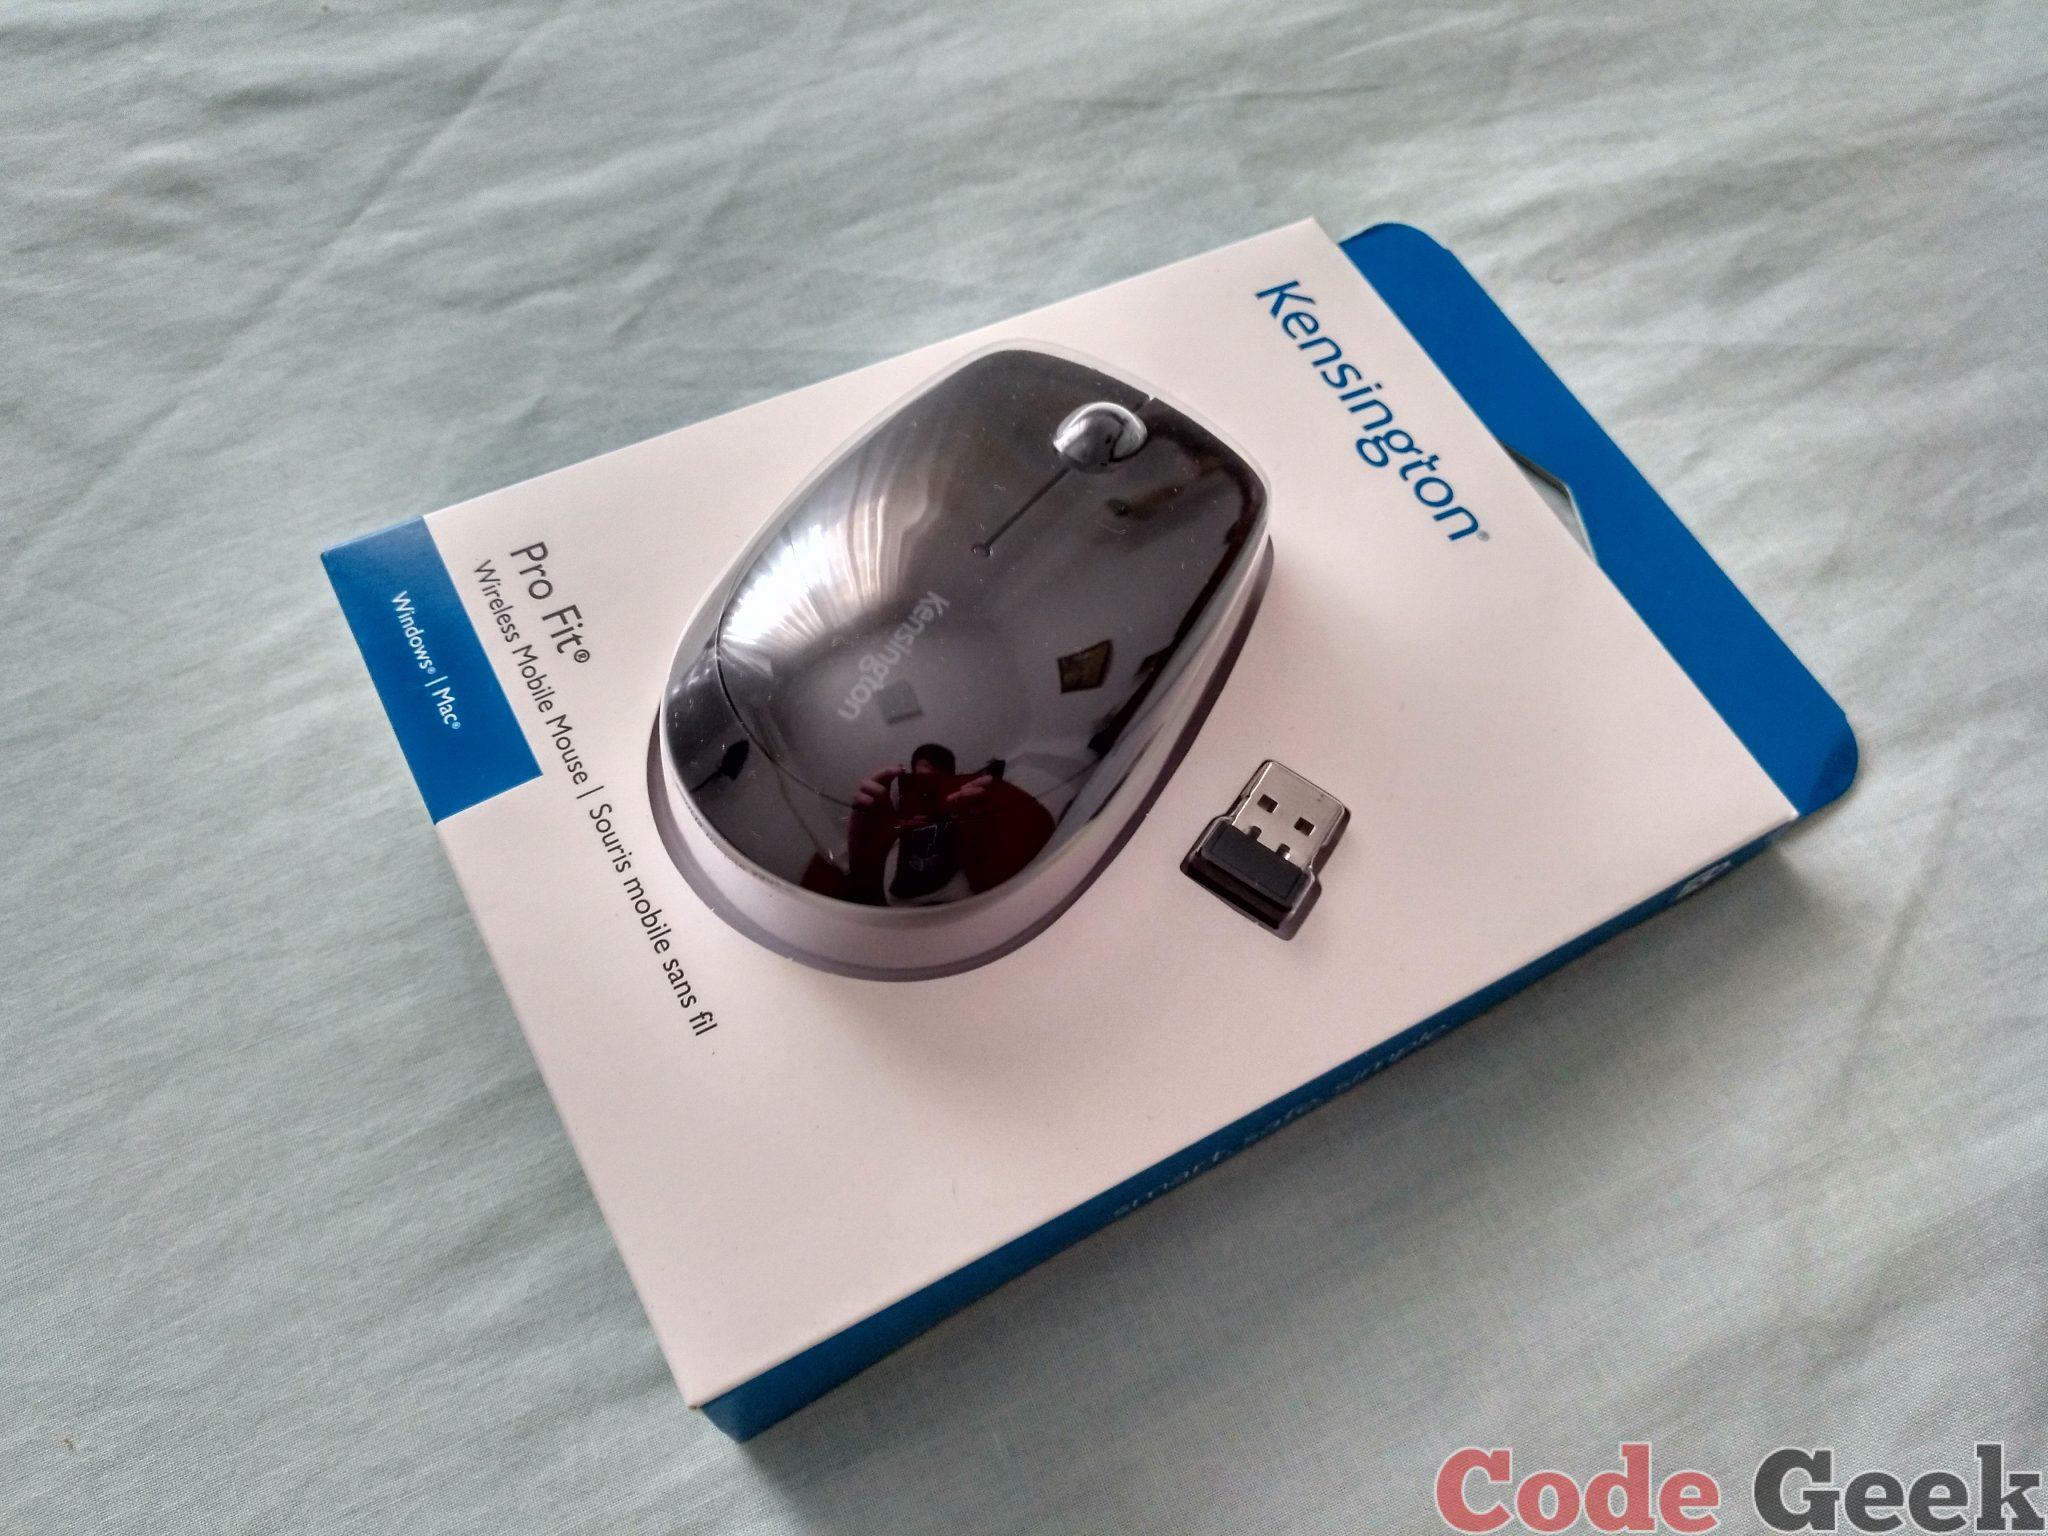 Ratón inalámbrico Pro Fit® Wireless Mobile Mouse de Kensington Review